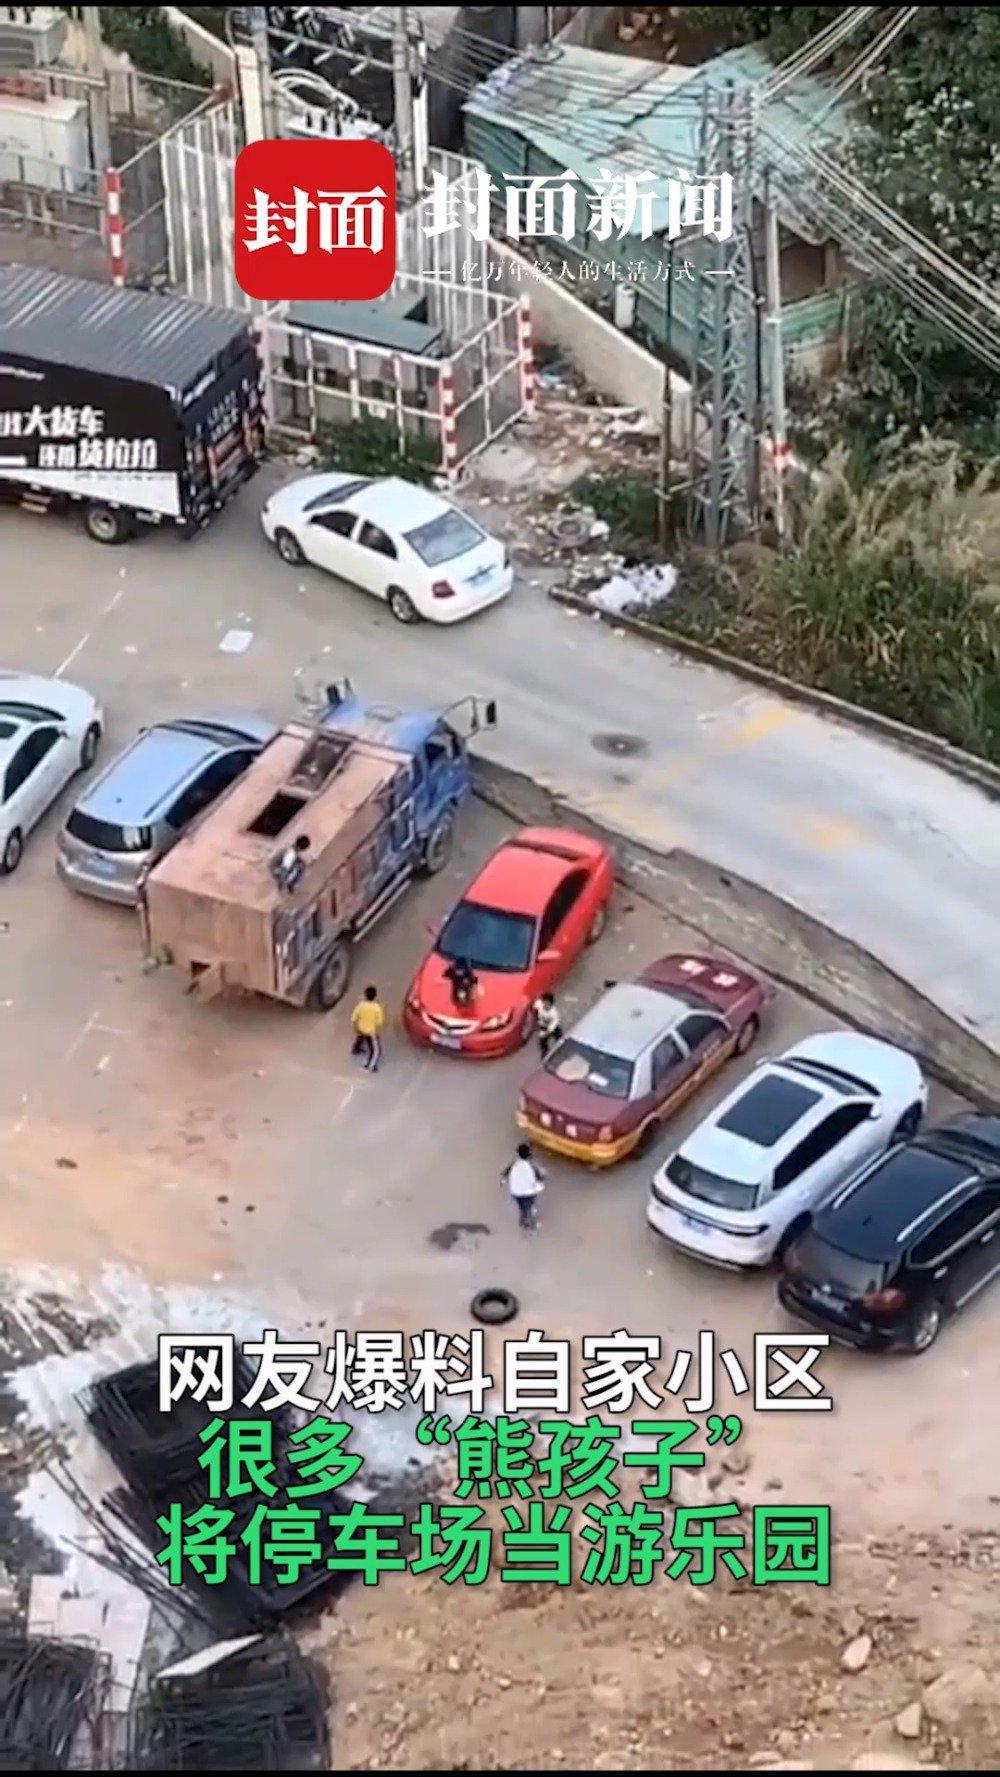 熊孩子将停车场当游乐园在车顶蹦跳 网友:出了事儿算谁的?